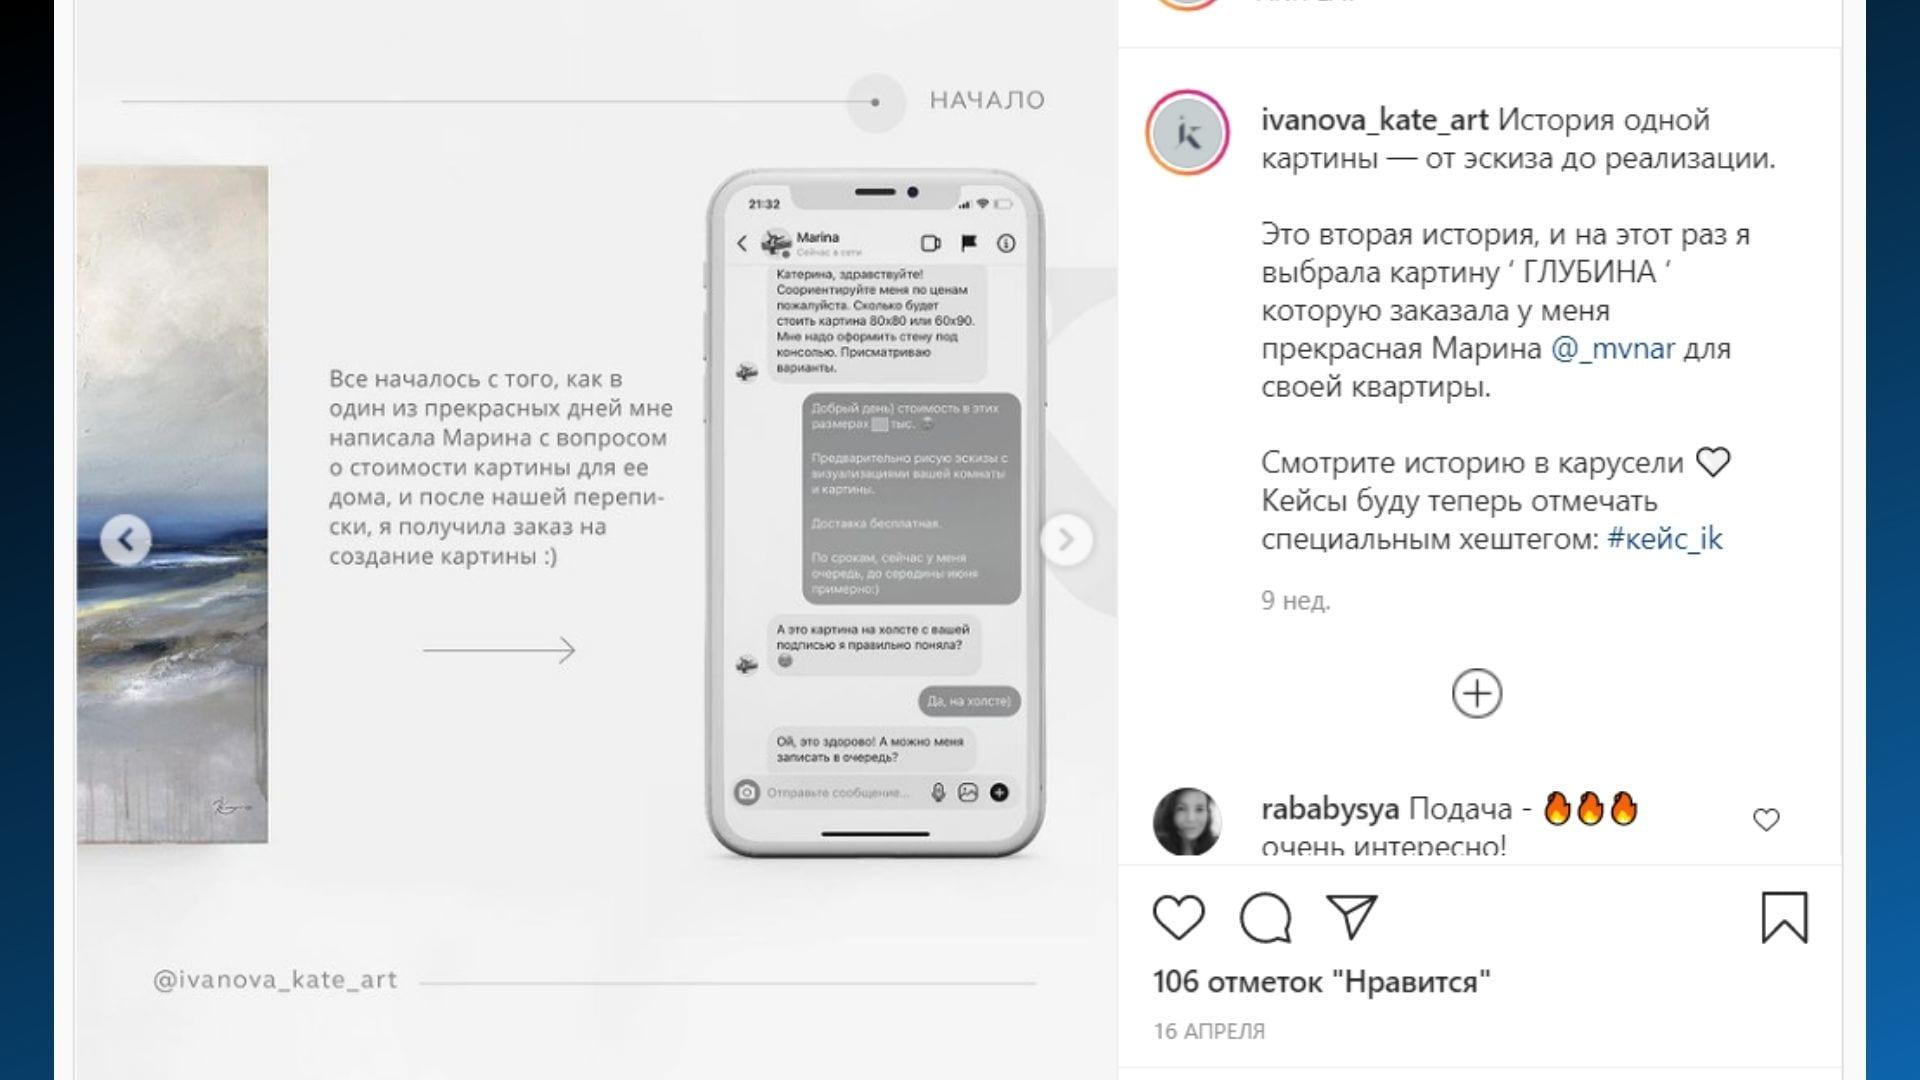 Описание этапов поможет заказчику понять, как вы работаете (ivanova_kate_art)